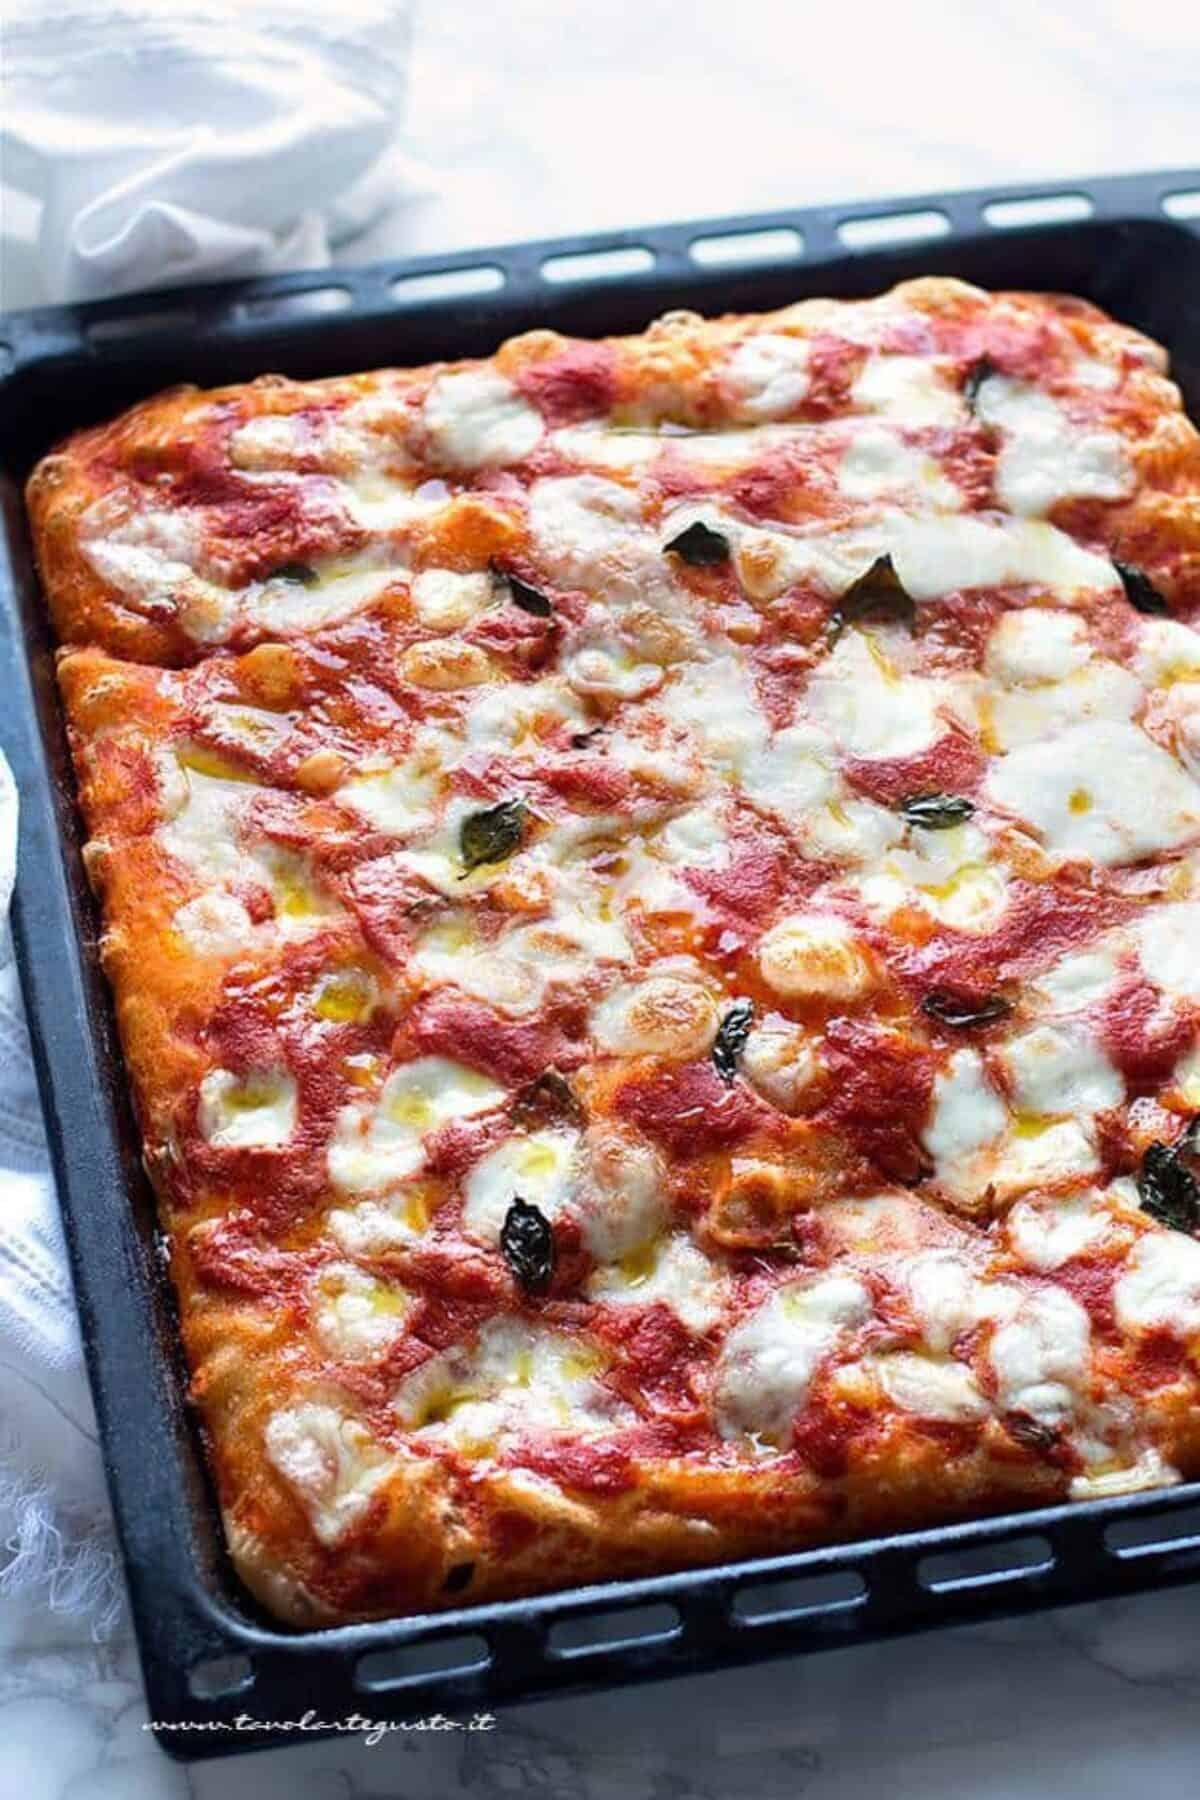 Ricetta Pizza Napoletana Tavolartegusto.Pizza In Teglia Ricetta Semplice E Soffice Tutti I Segreti